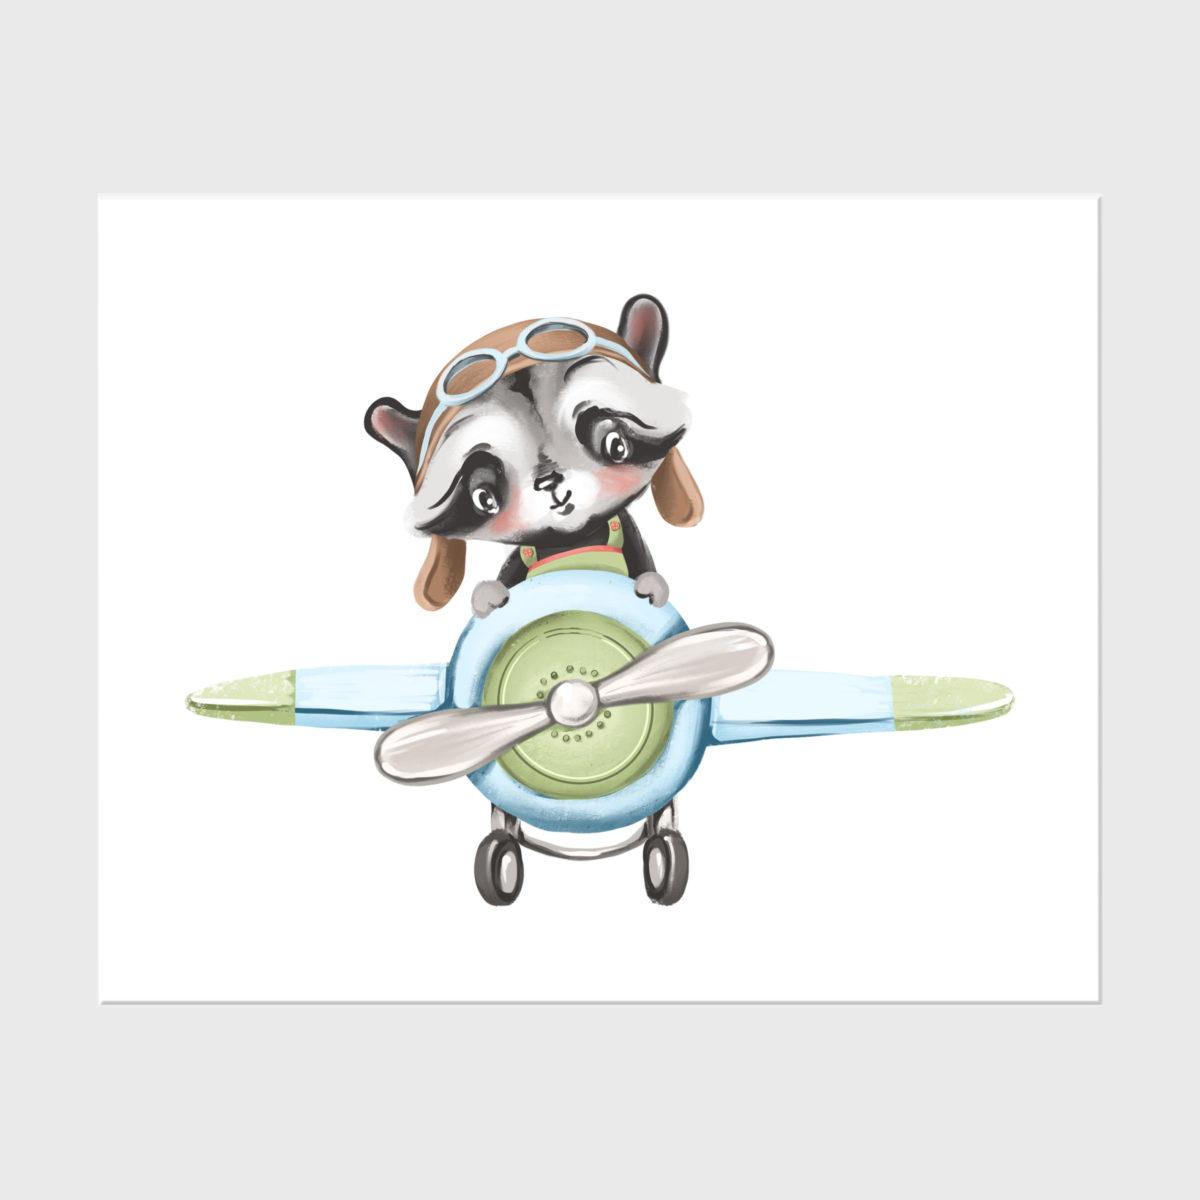 17. Baby racoon pilot